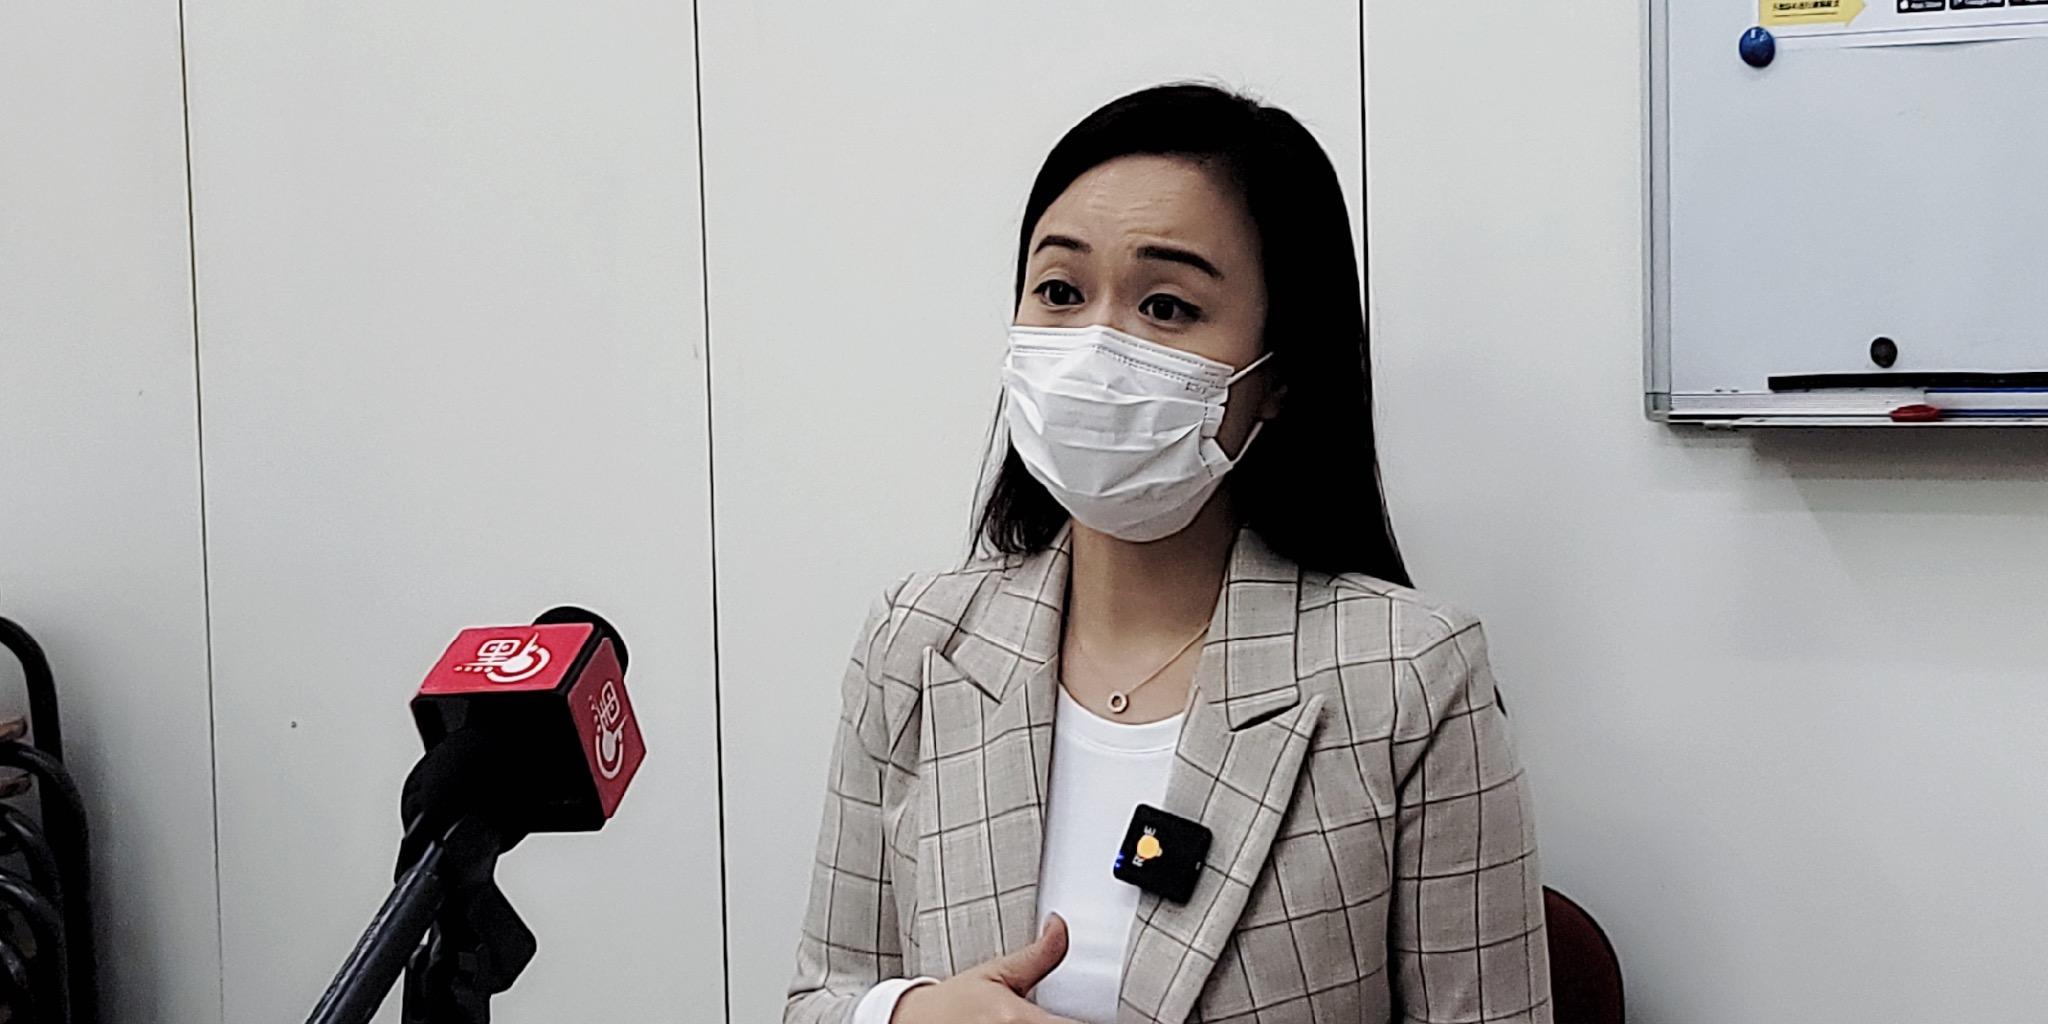 【點仔周記】違限聚令等罰款增至5千   陳凱欣:應加強執法和市民配合